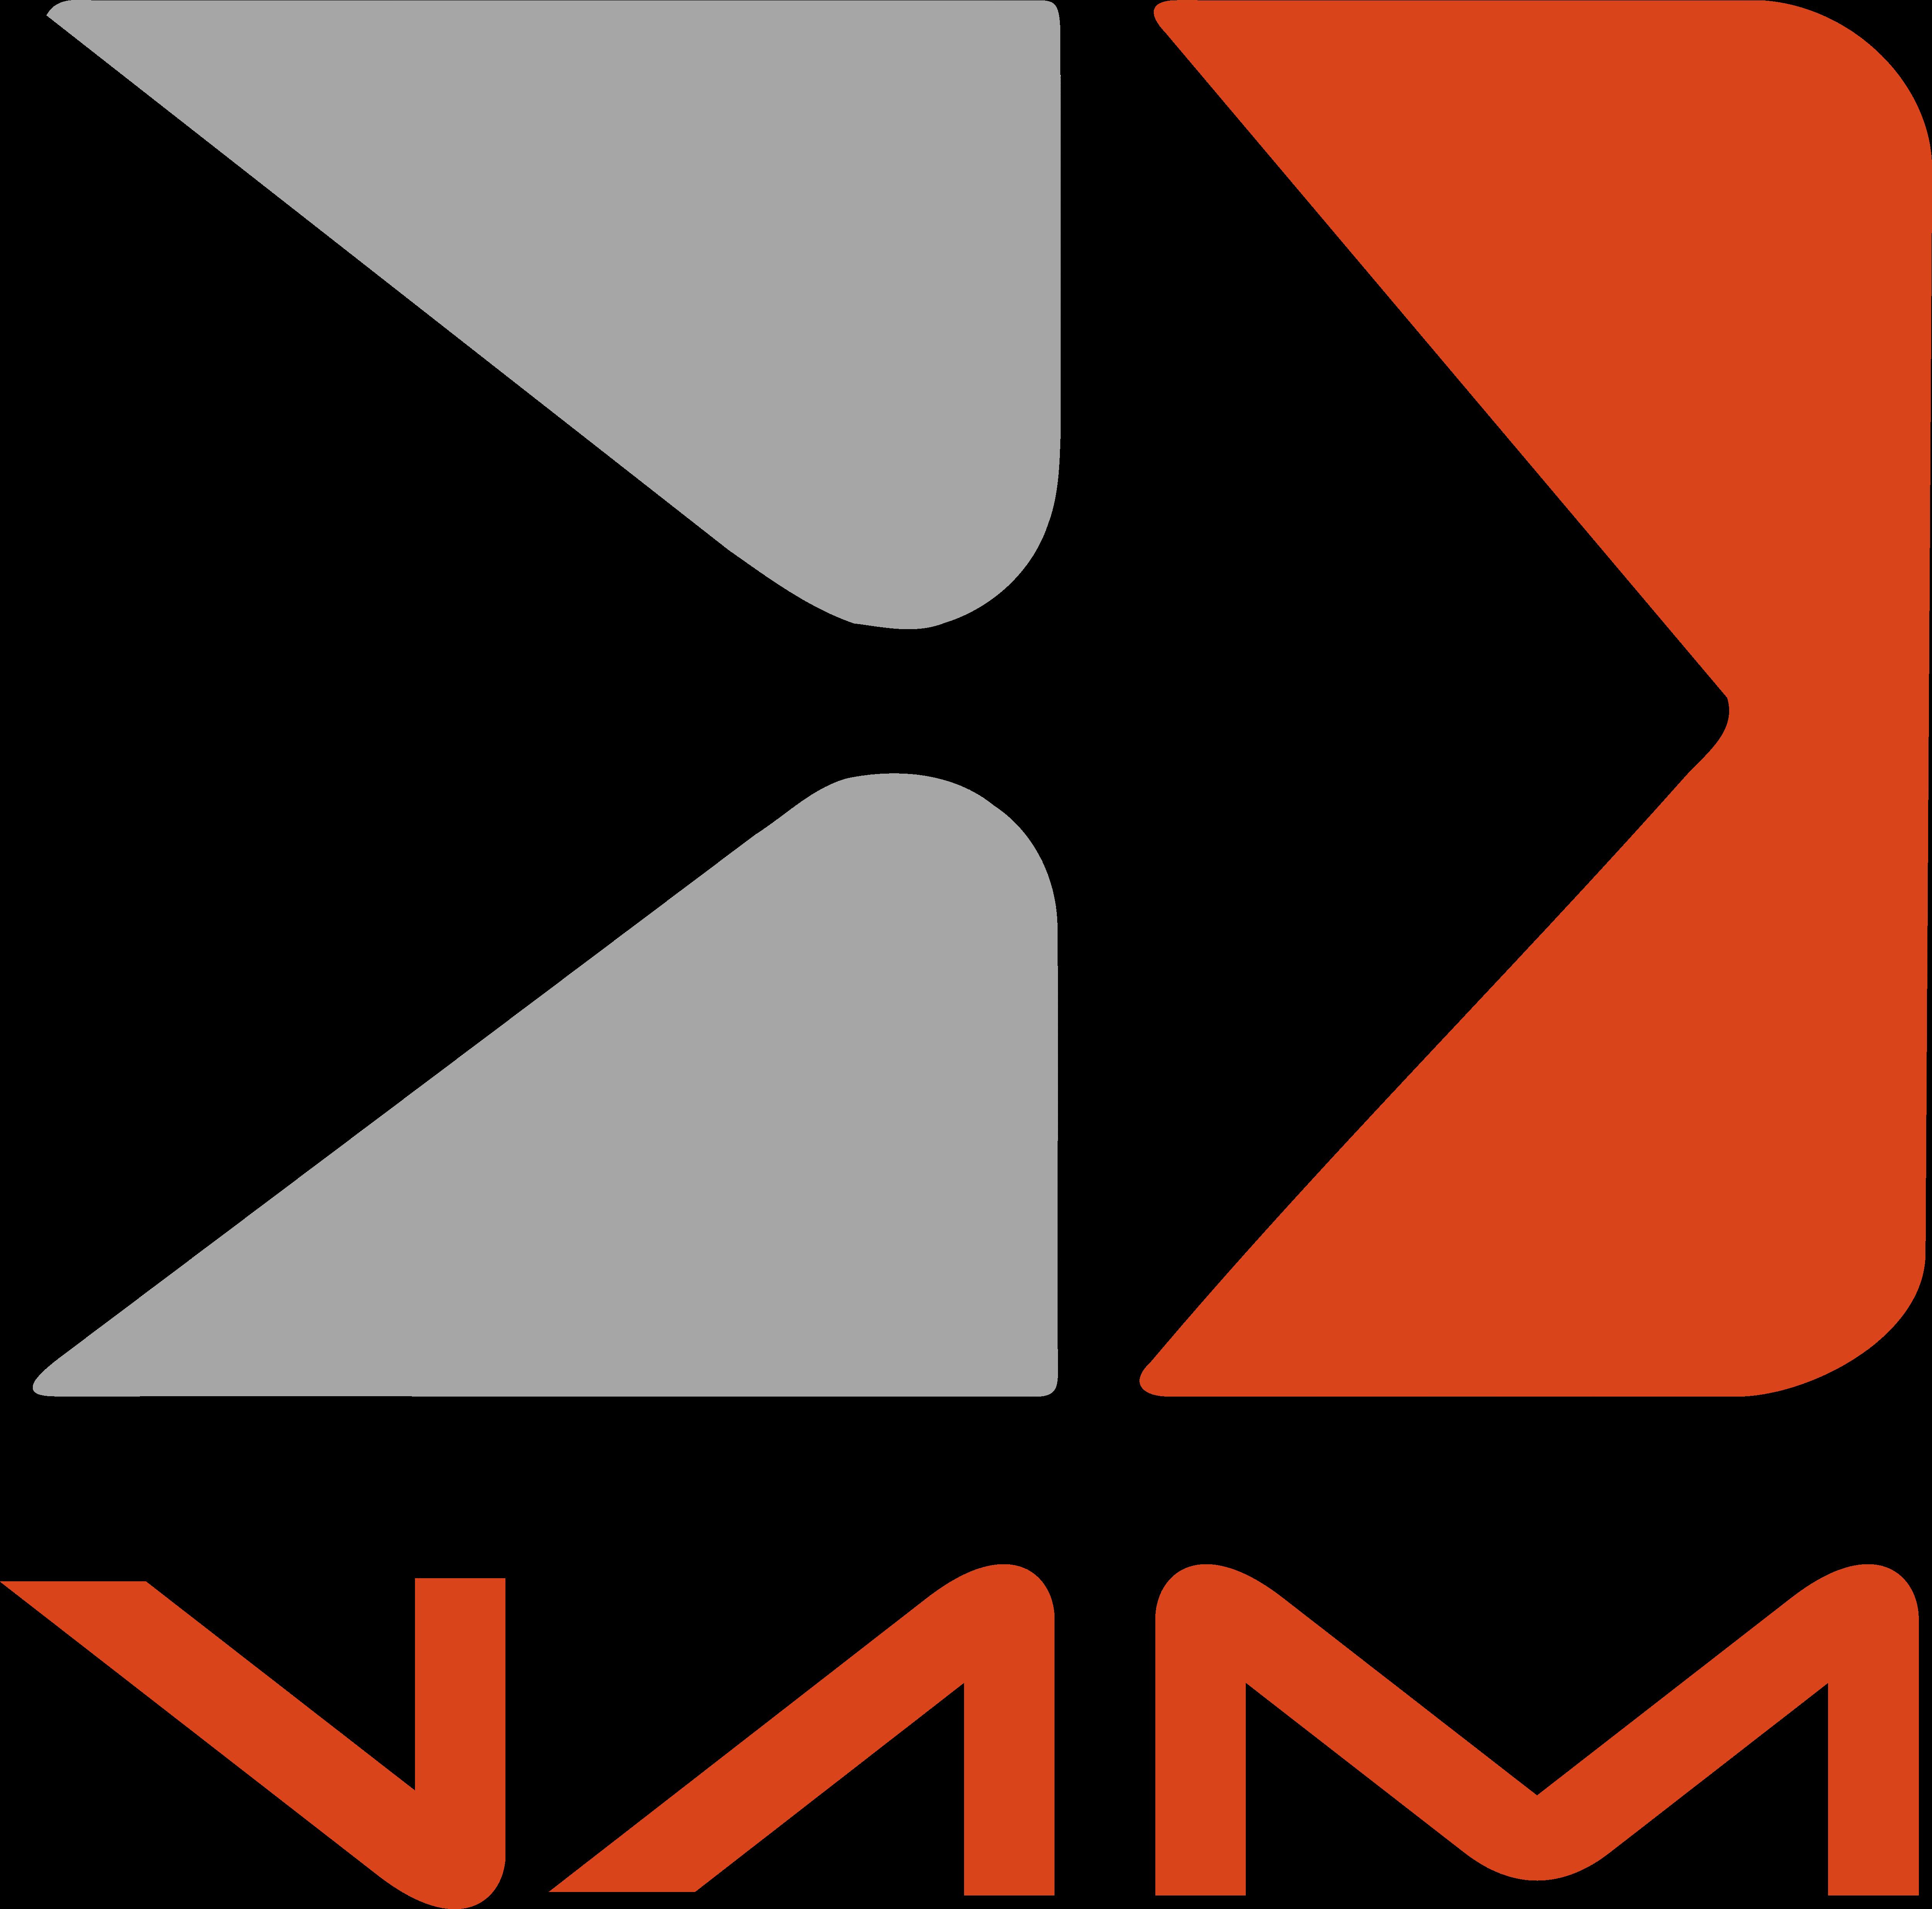 Vehiculos Automotores Mexicanos – Logos Download